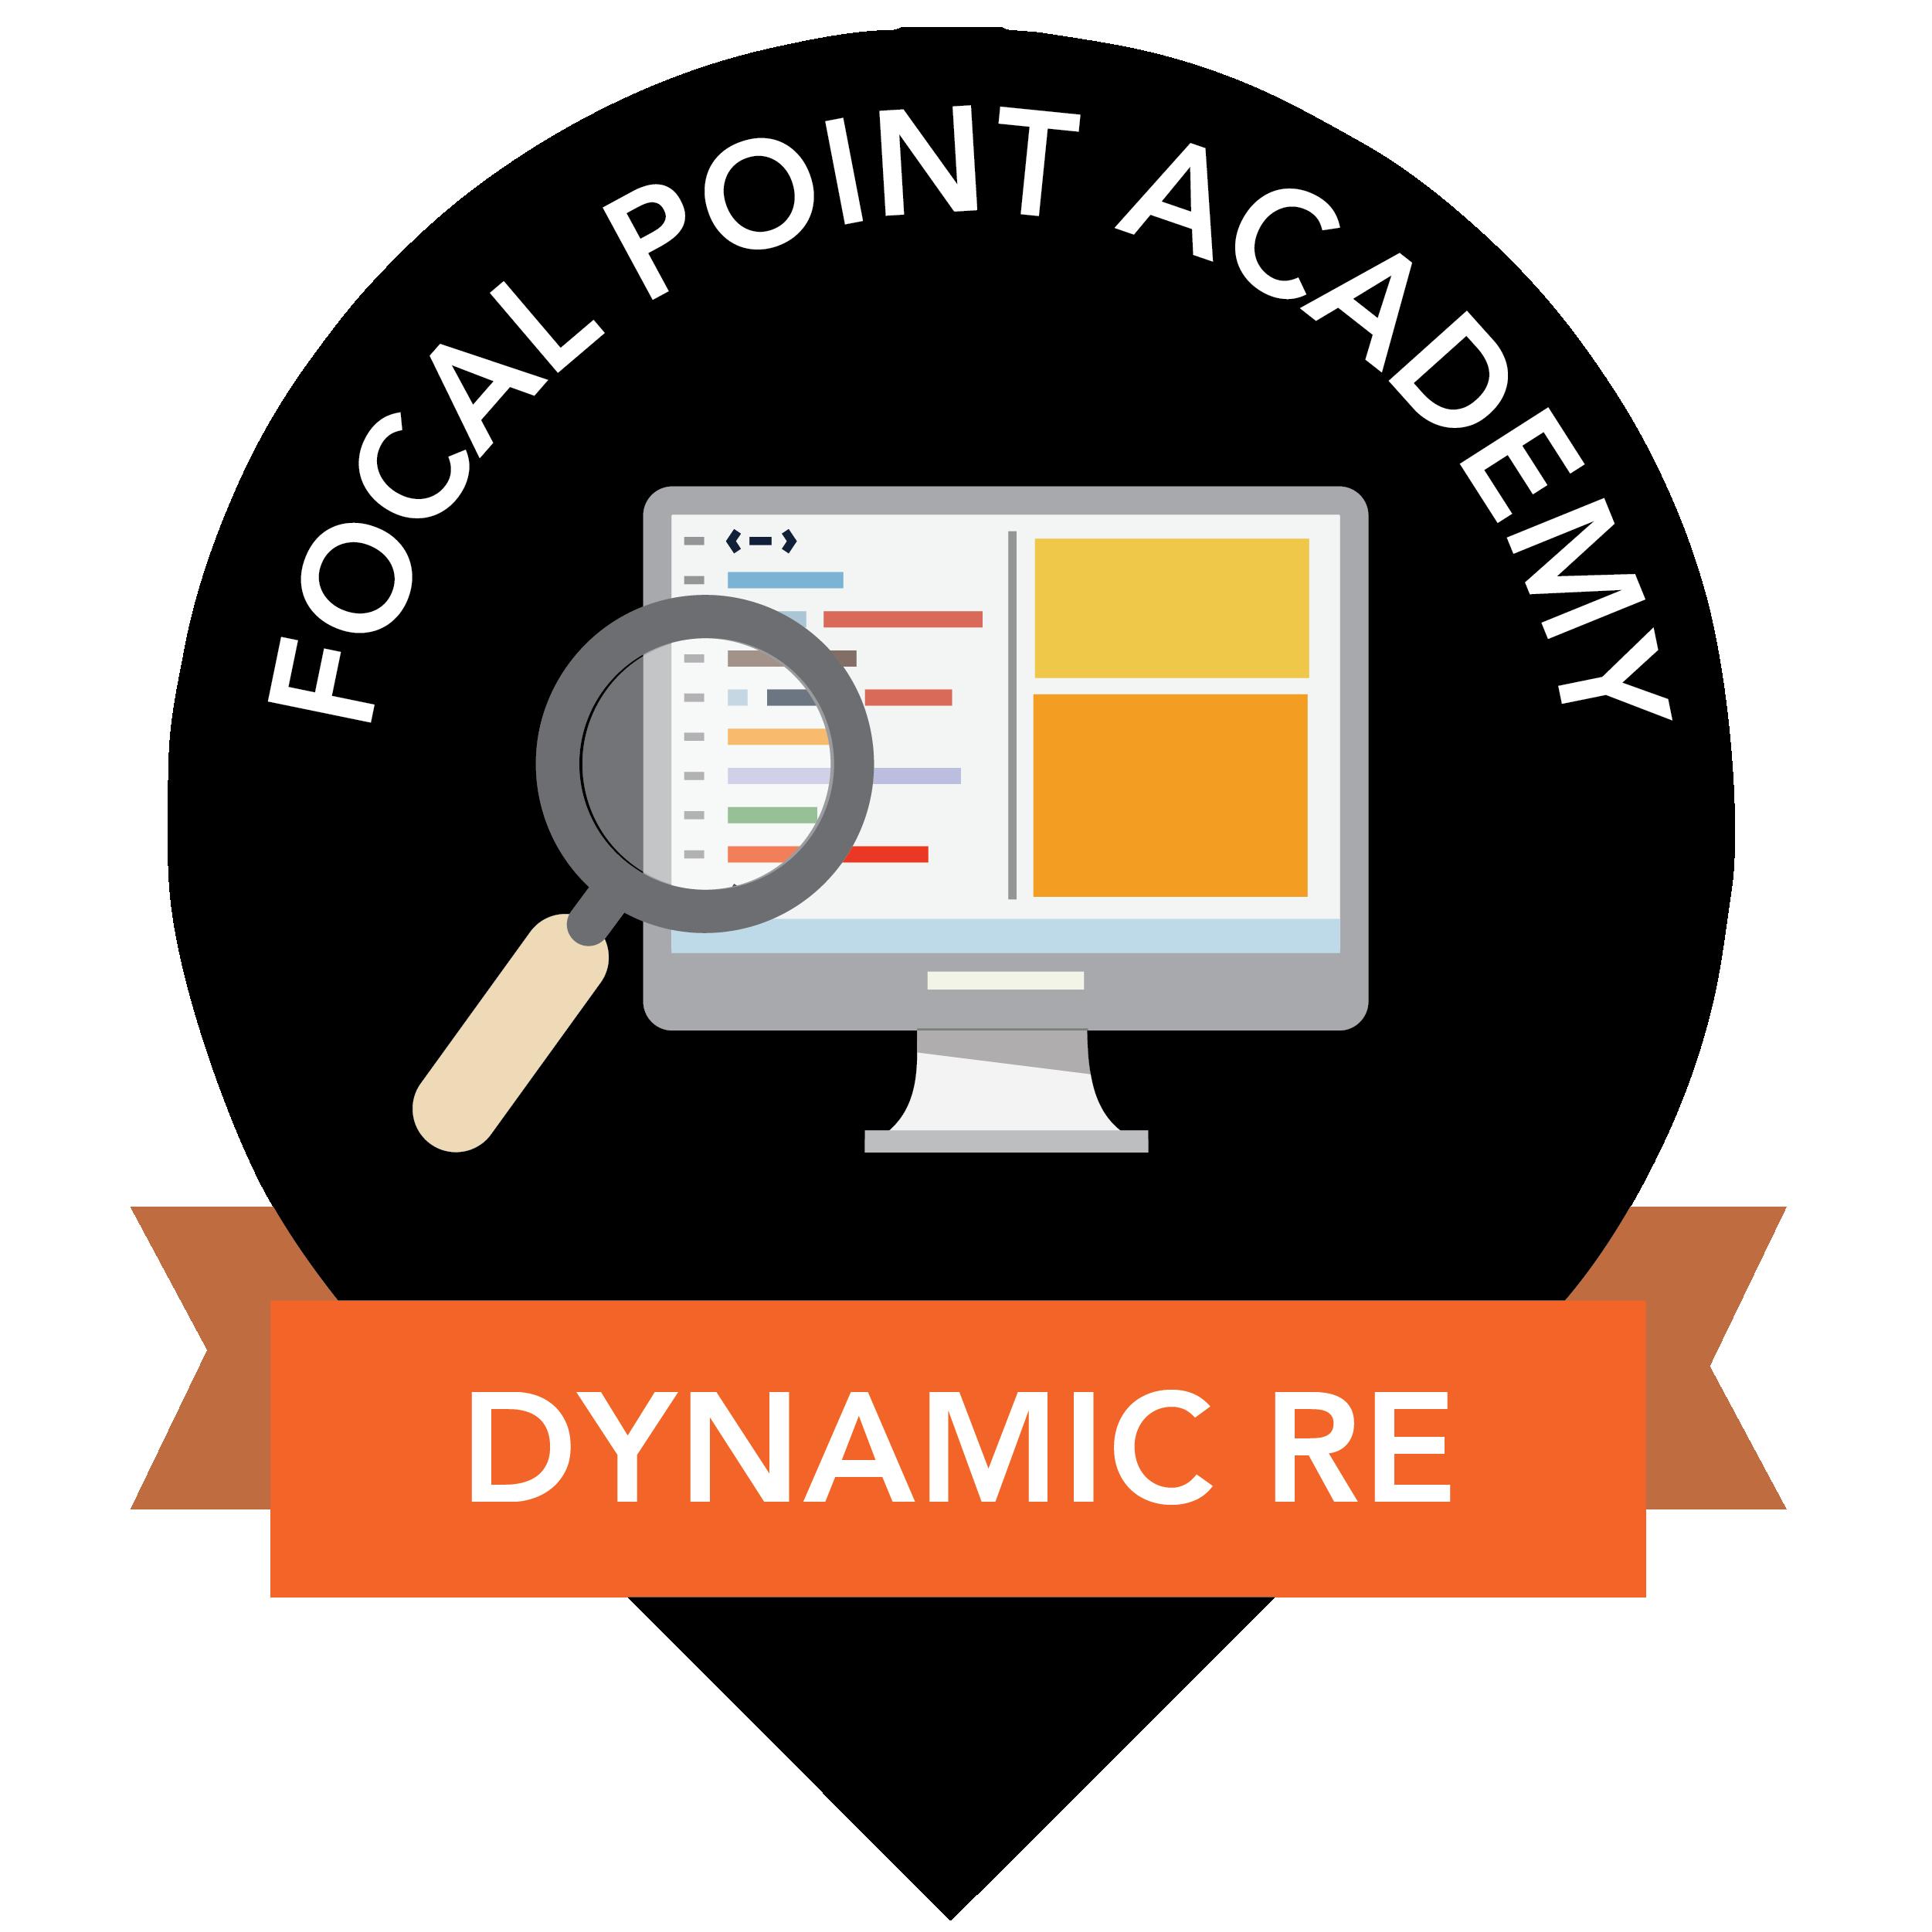 Dynamic Reverse Engineering